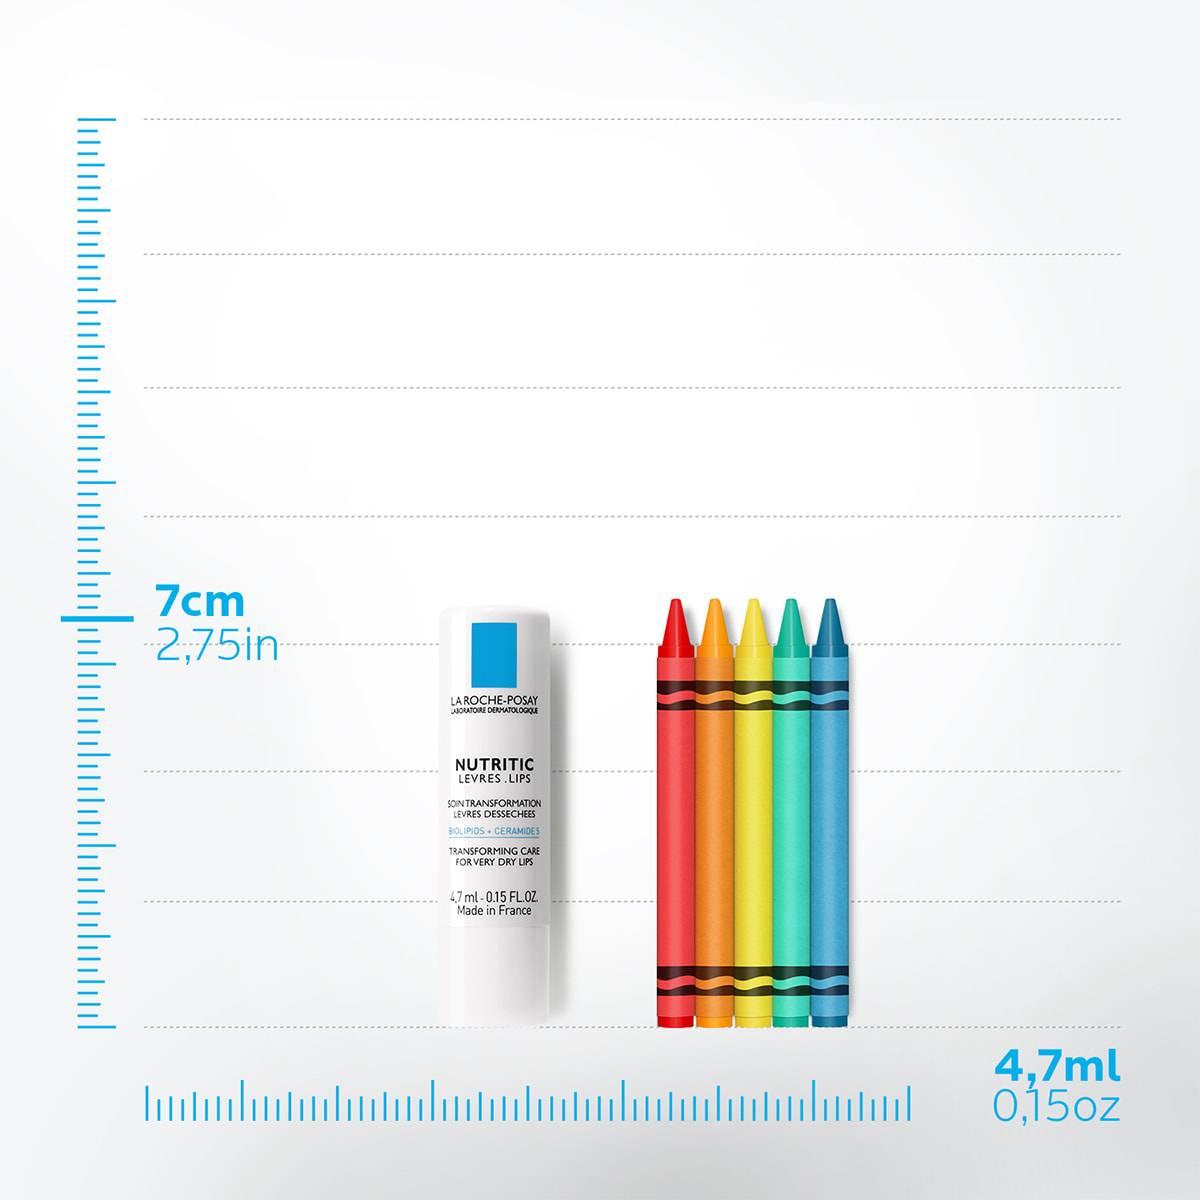 La Roche Posay Tuotesivu Lip Balm Nutritic Lips Transforming Care Ve